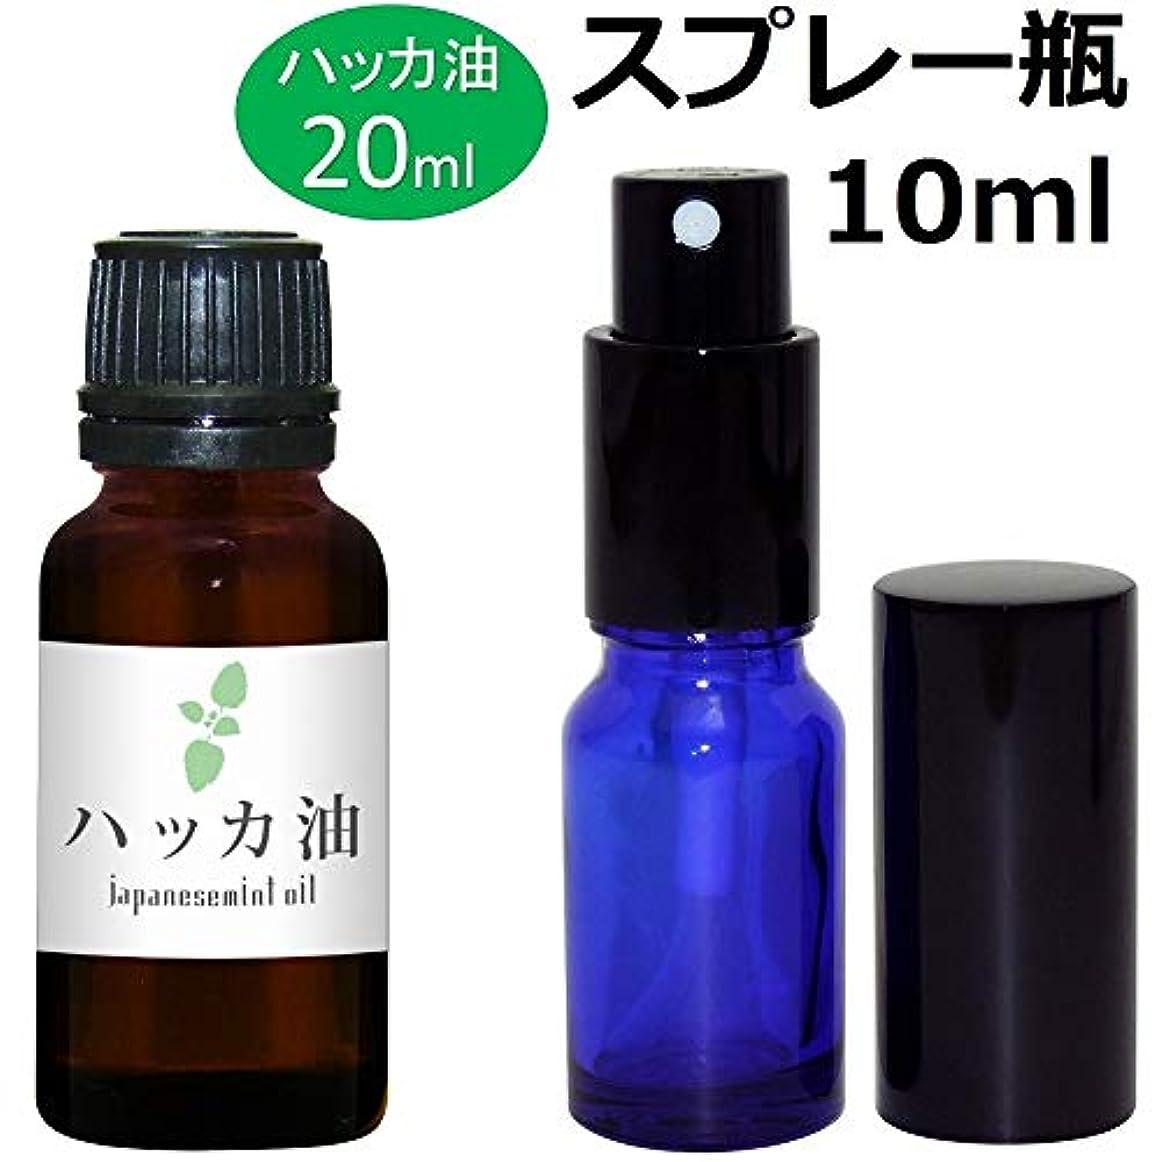 医学資金階下ガレージ?ゼロ ハッカ油 20ml(GZAK12)+ガラス瓶 スプレーボトル10ml/和種薄荷/ジャパニーズミント GSE533